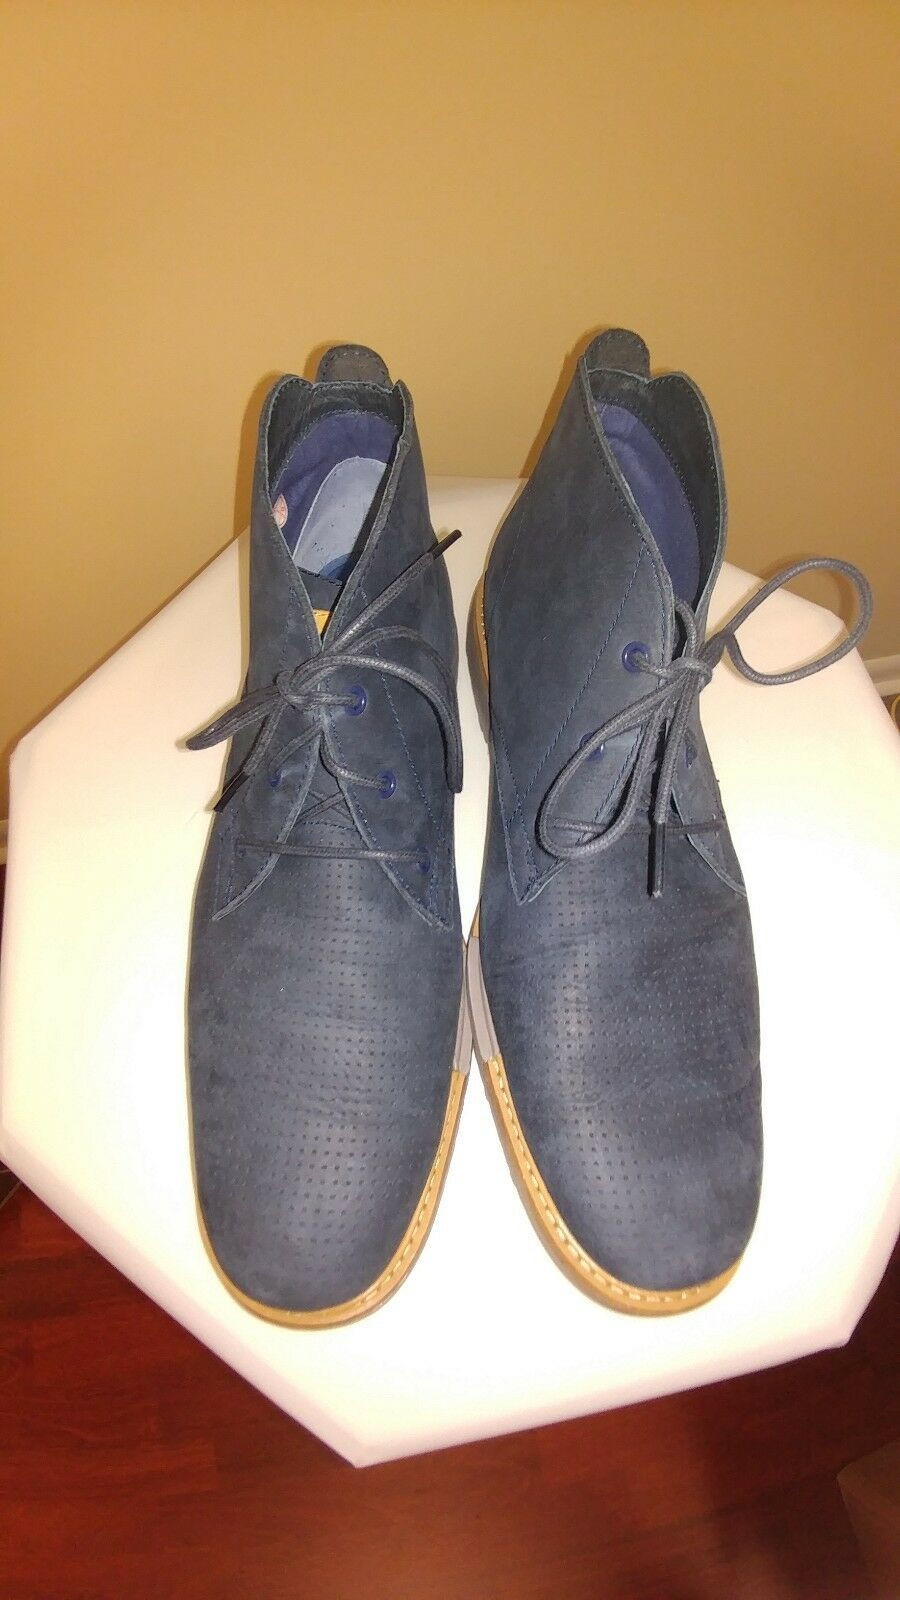 70b39be5be292 Mark Nason Mens Shoes Skechers Holford and 50 similar items